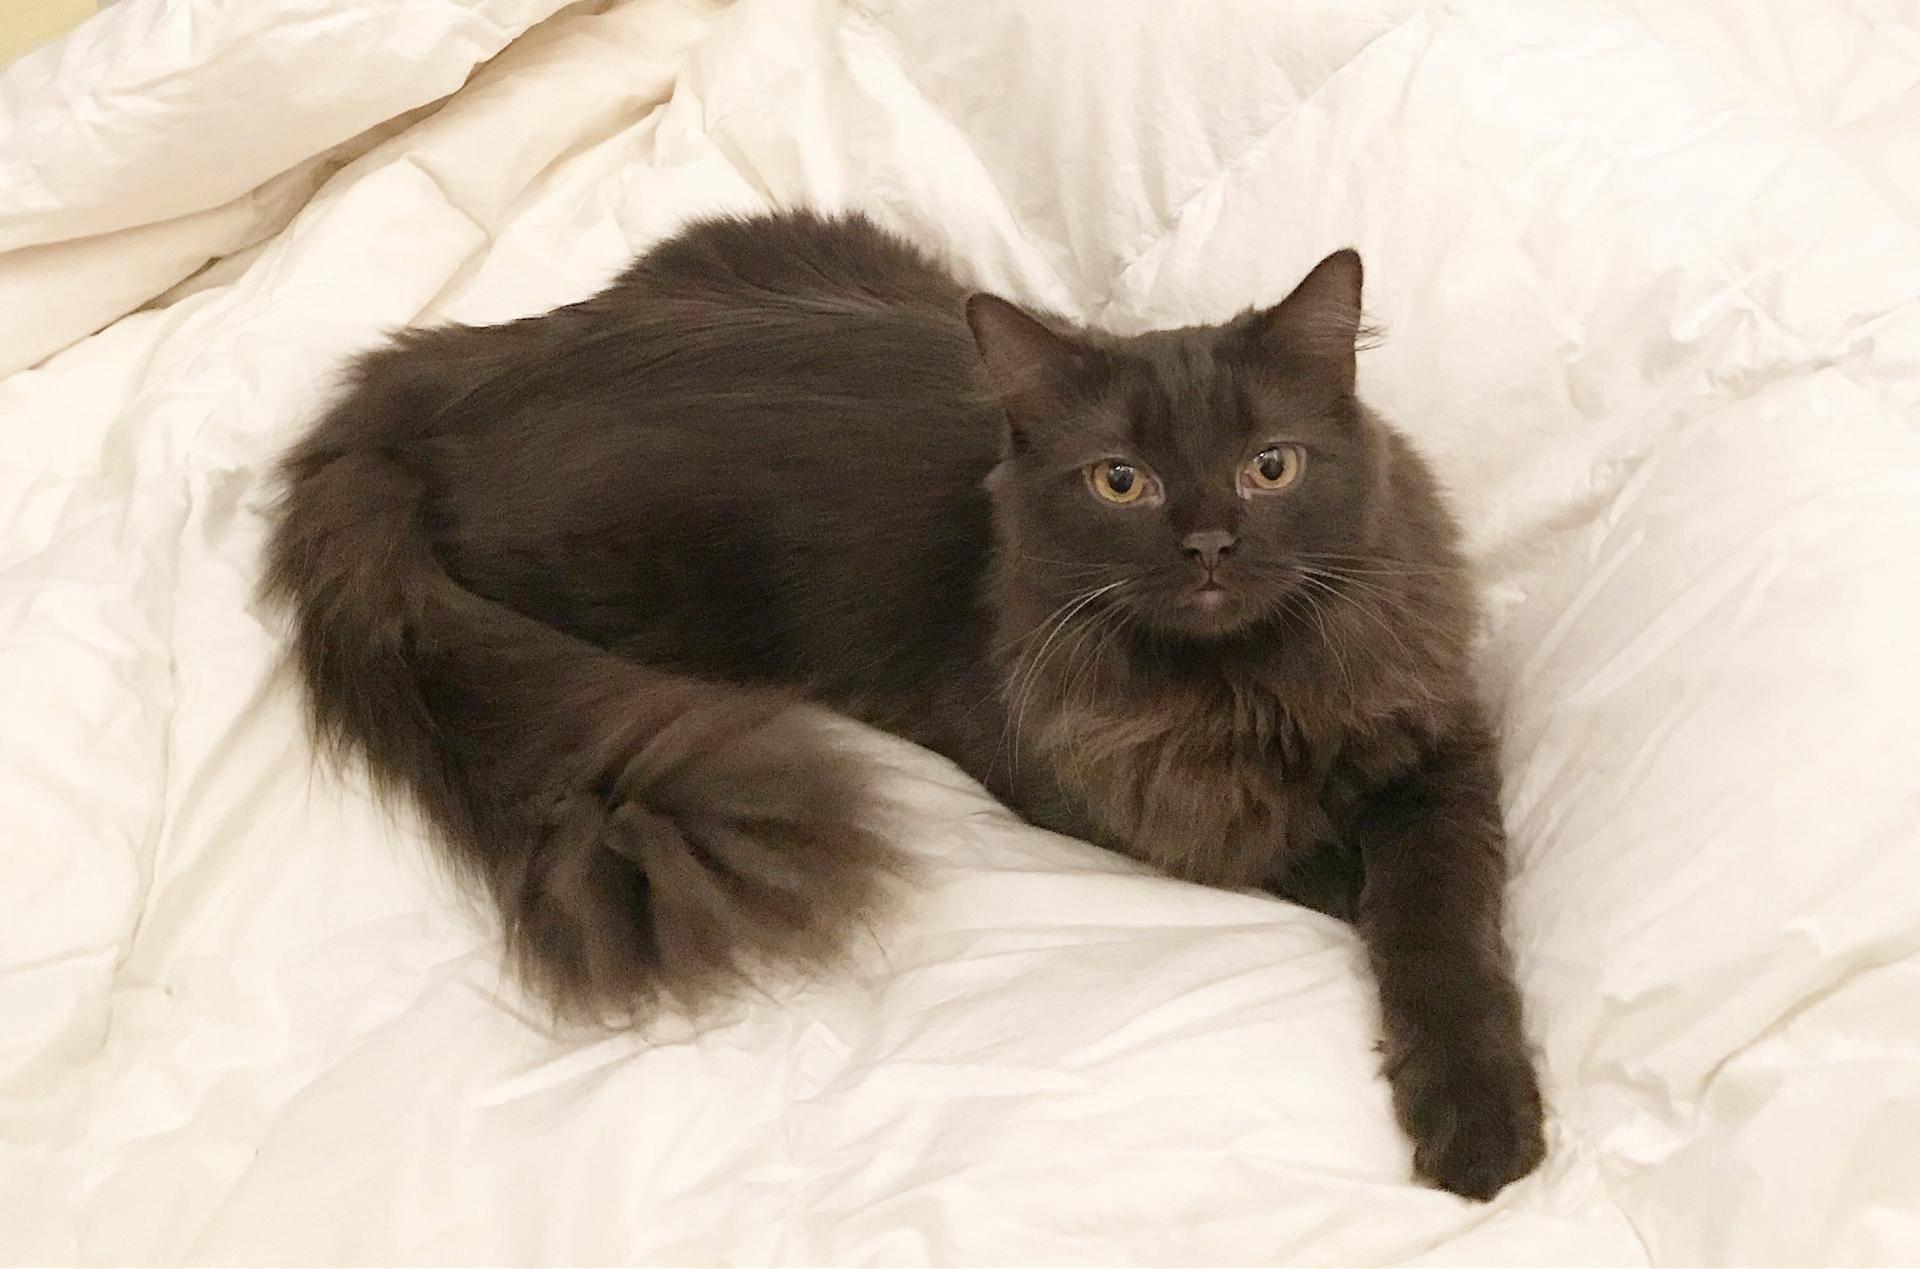 Кошка сноу-шу: характер и внешность питомца, правила ухода и содержания